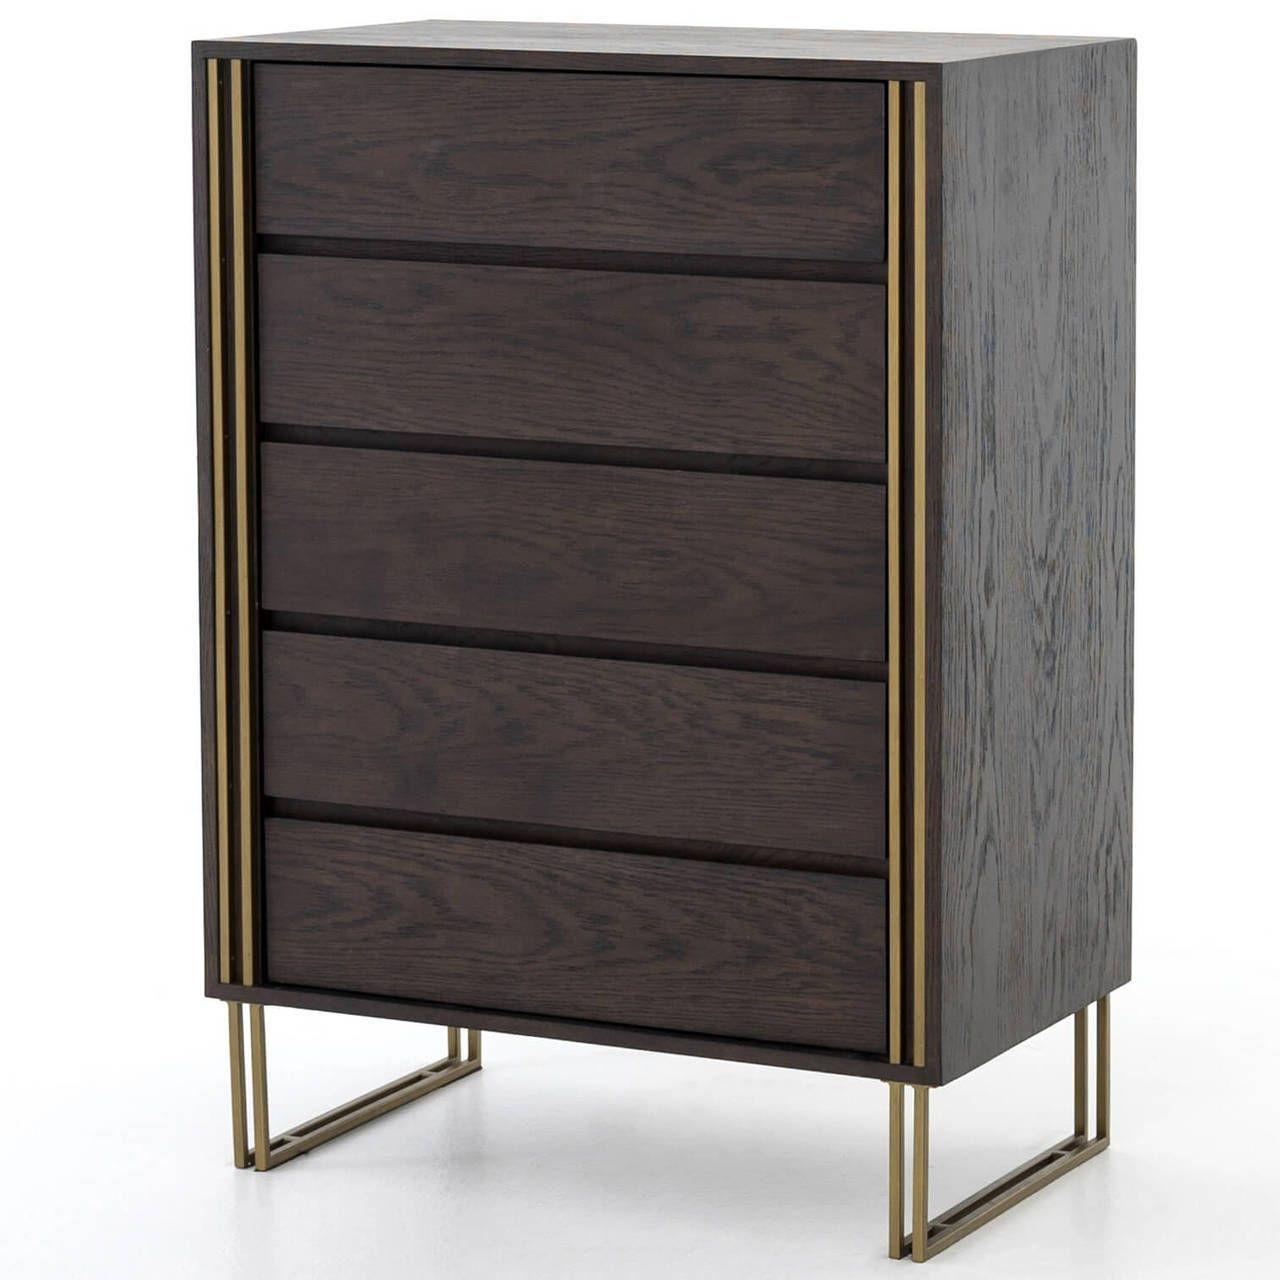 Samara Brass Black Oak Wood 5 Drawers Tall Dresser Tall Dresser Oak Wood Brass Furniture [ 1280 x 1280 Pixel ]